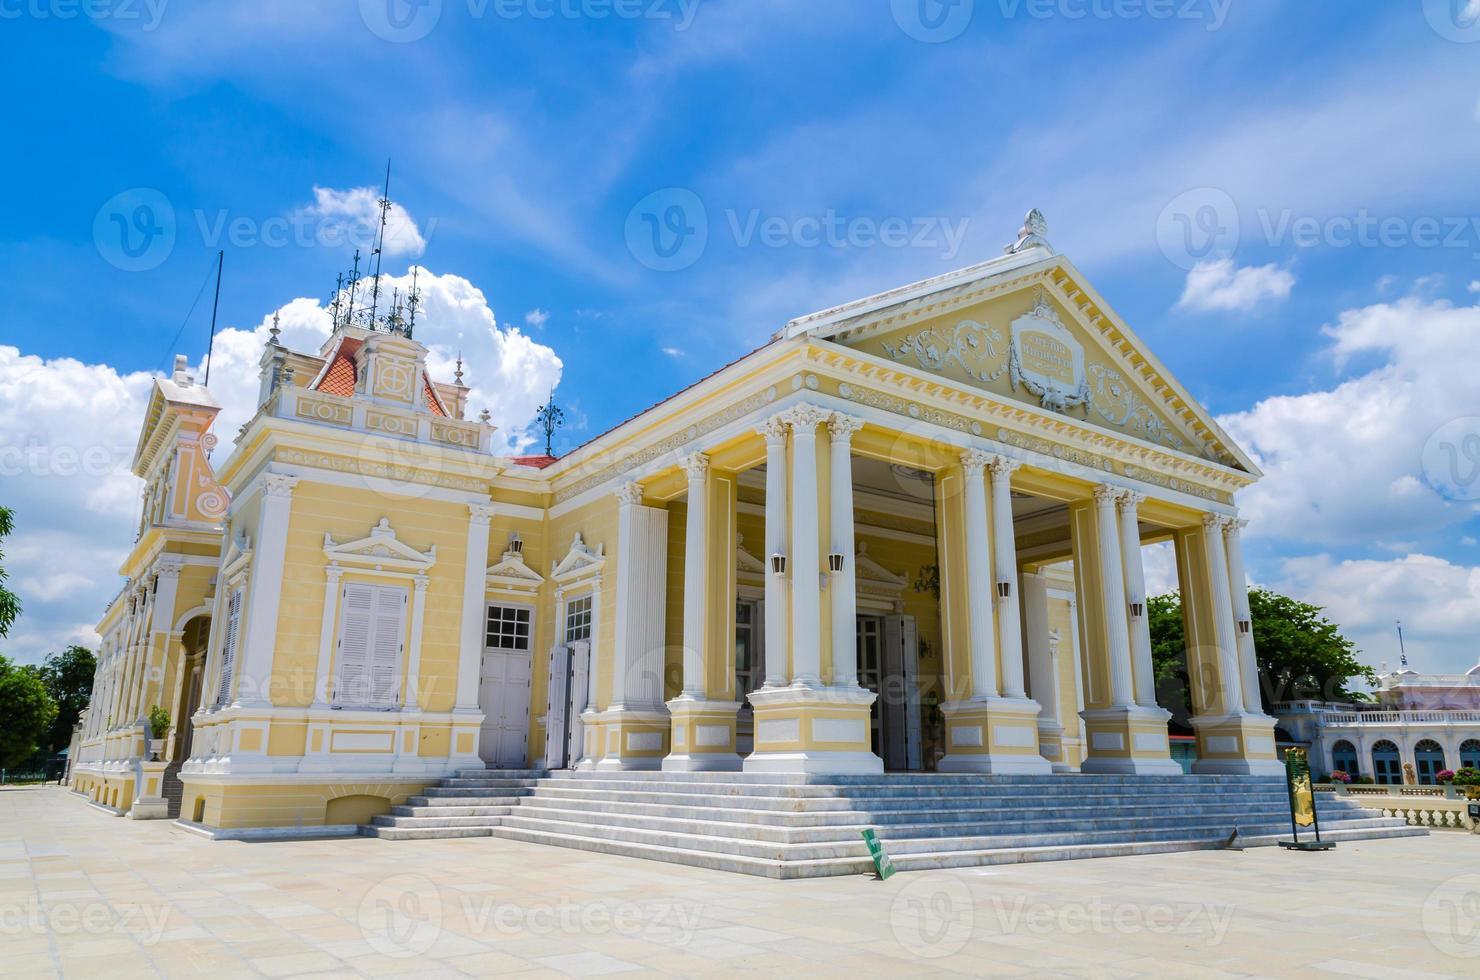 phra thinang varobhas biman, sala residencial, ayuthaya, thailan foto